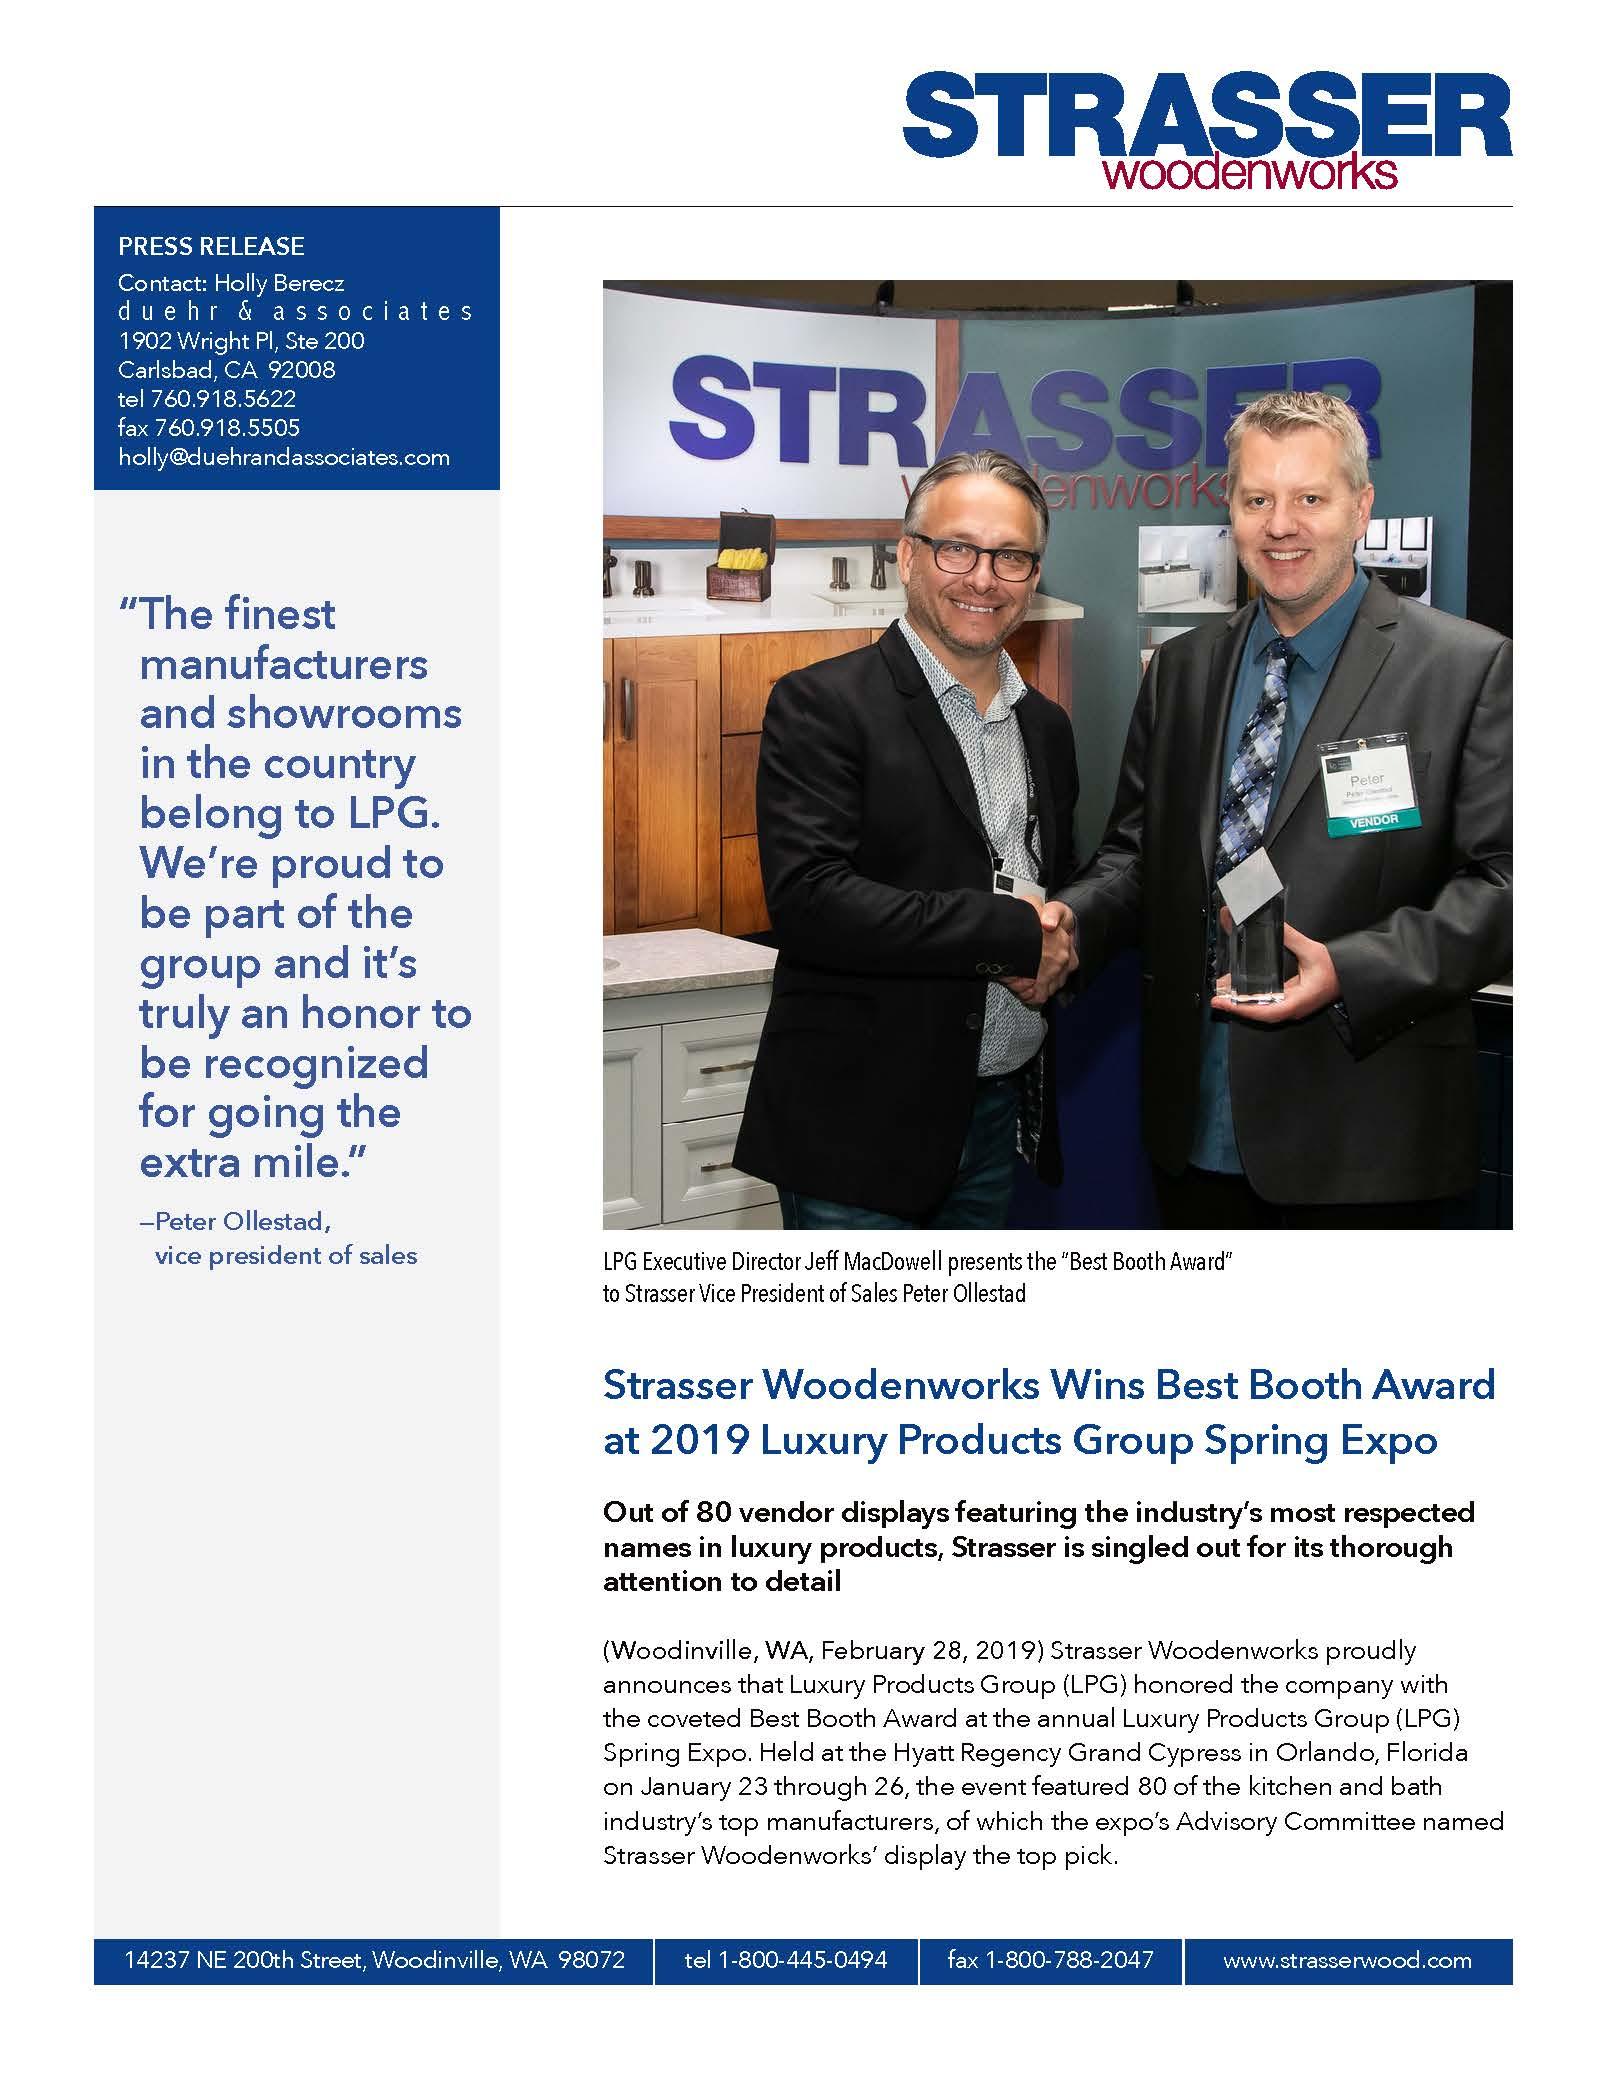 Strasser Woodenworks Press Release